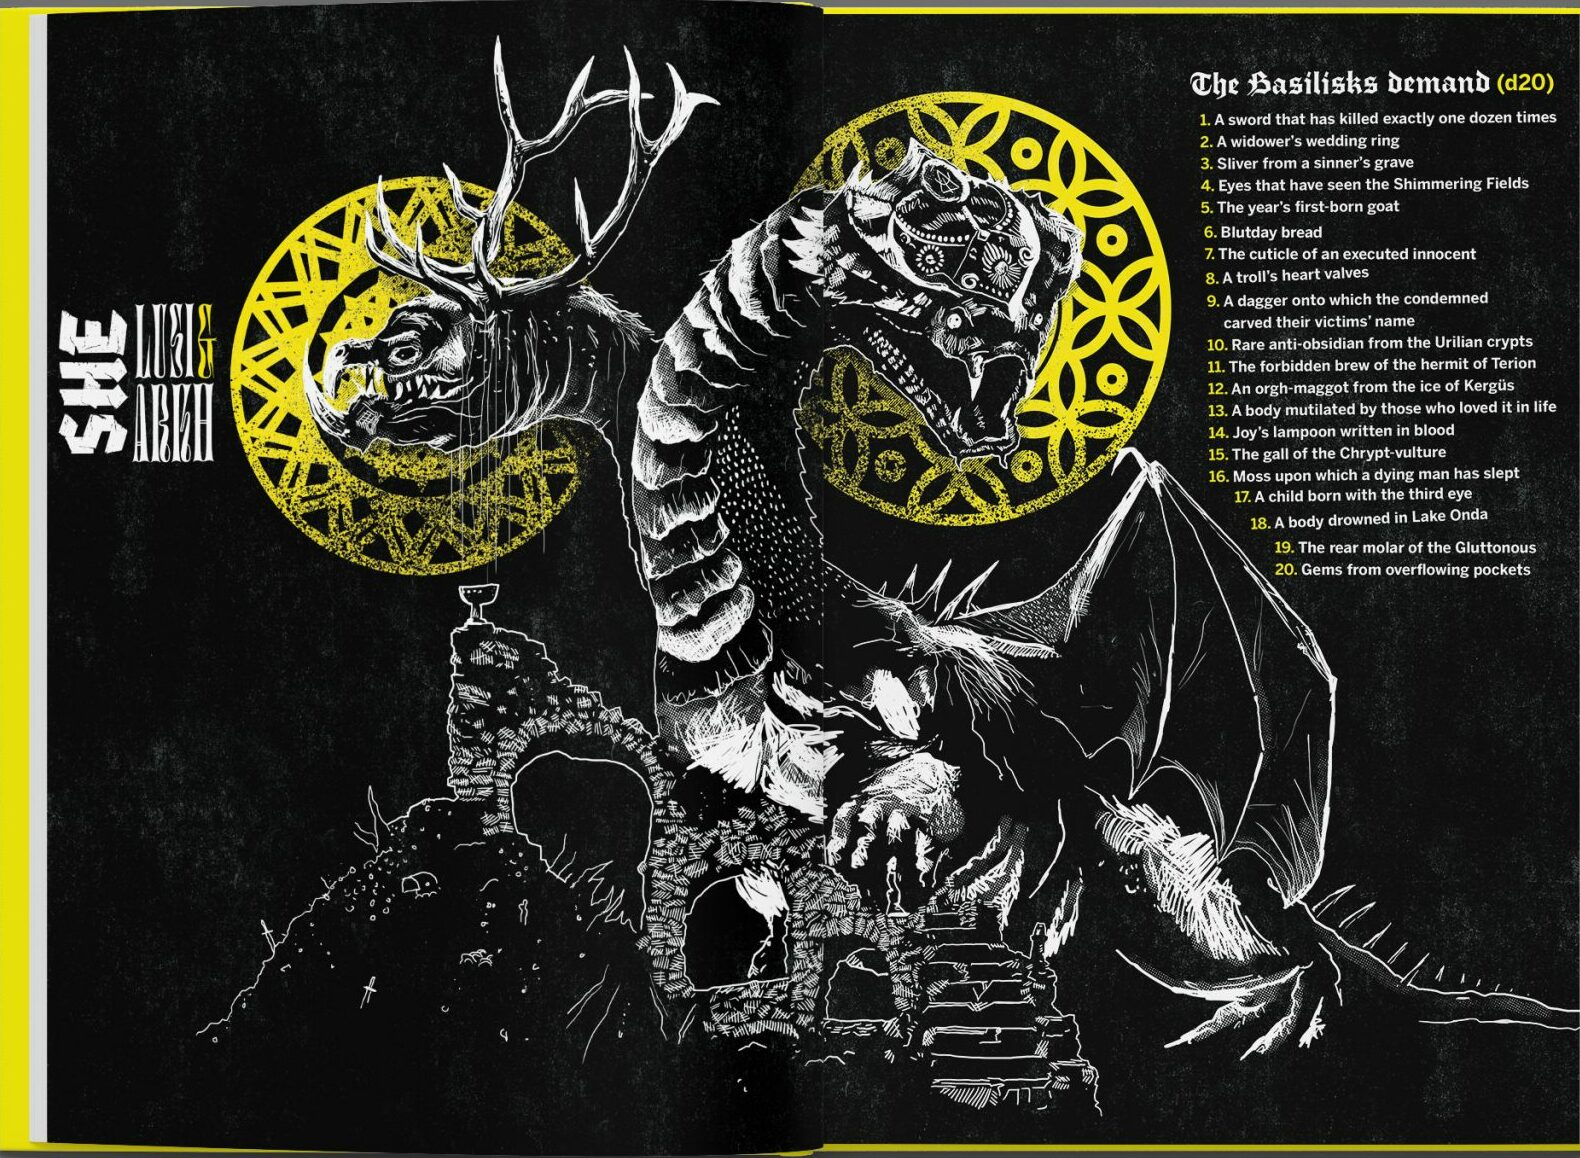 MörK Borg basilisk